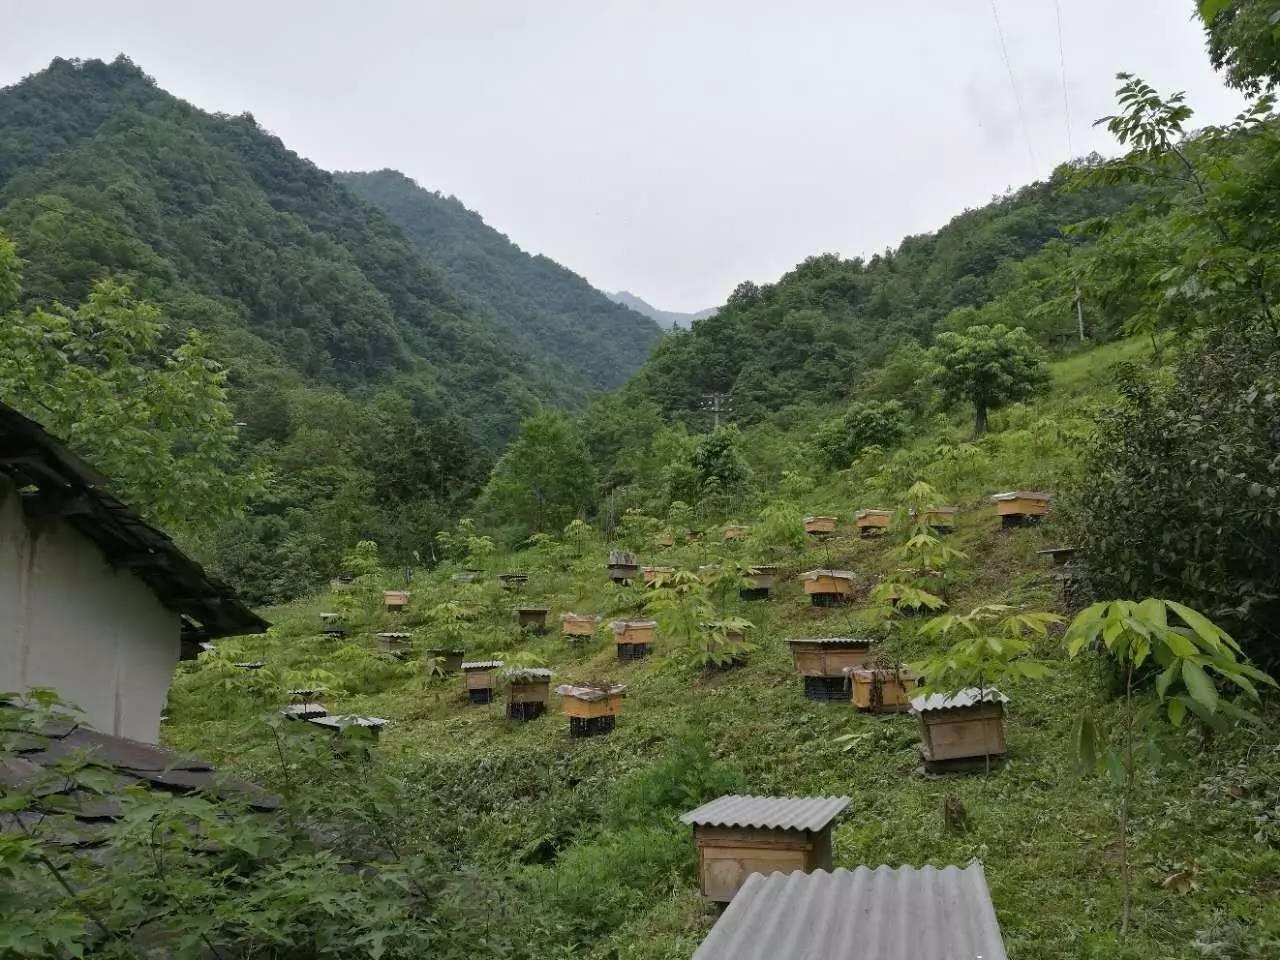 喝蜂蜜时间 基维氏5蜂蜜 蜂蜜和陈醋 采购蜂蜜 生姜蜂蜜梨蒸多长时间